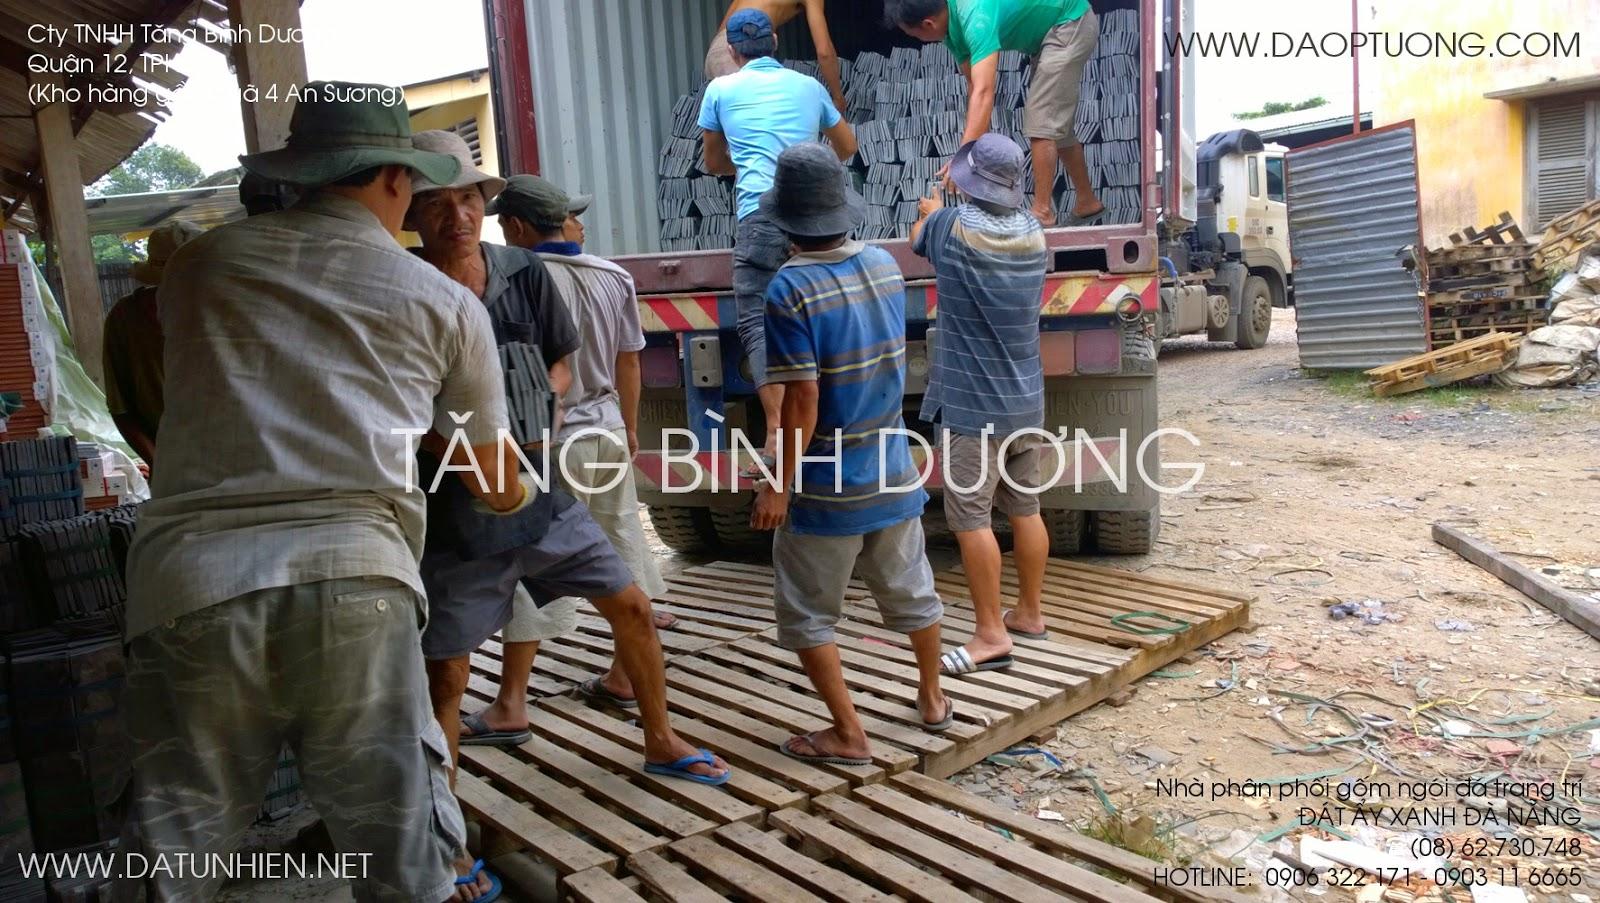 Đá tẩy xanh Đà Nẵng